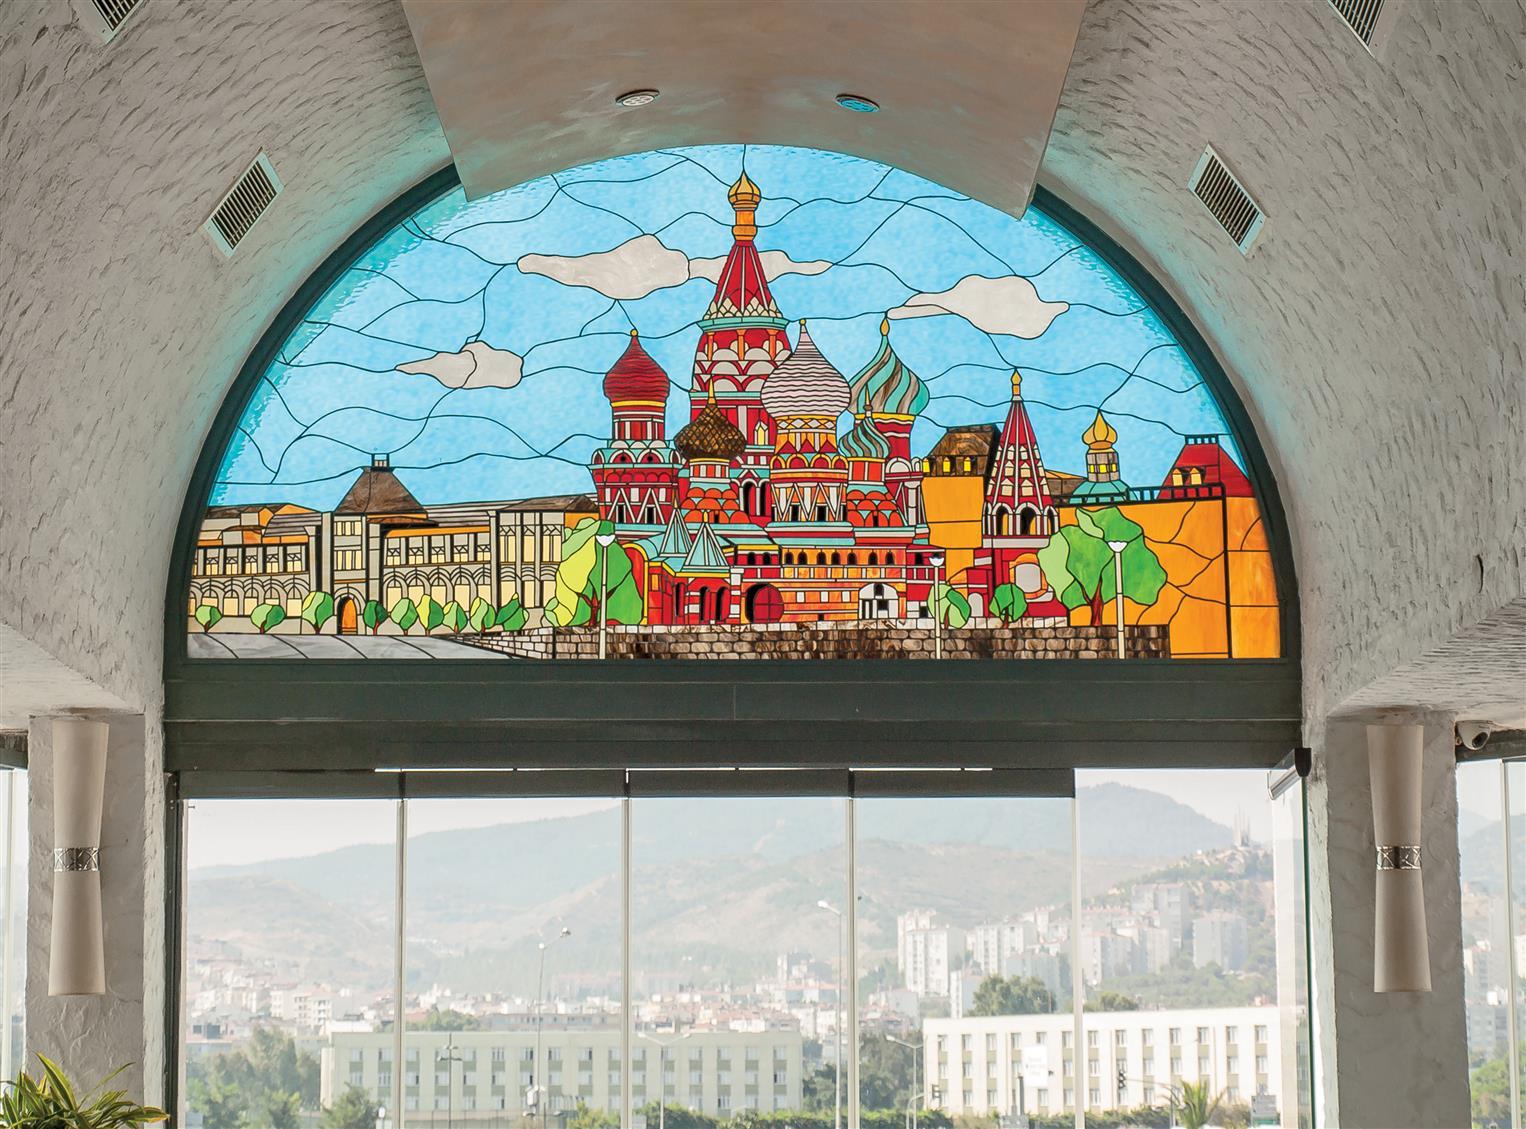 bogazici-restaurant-uckuyular2017122220553231.jpg izmir vitray çalışması